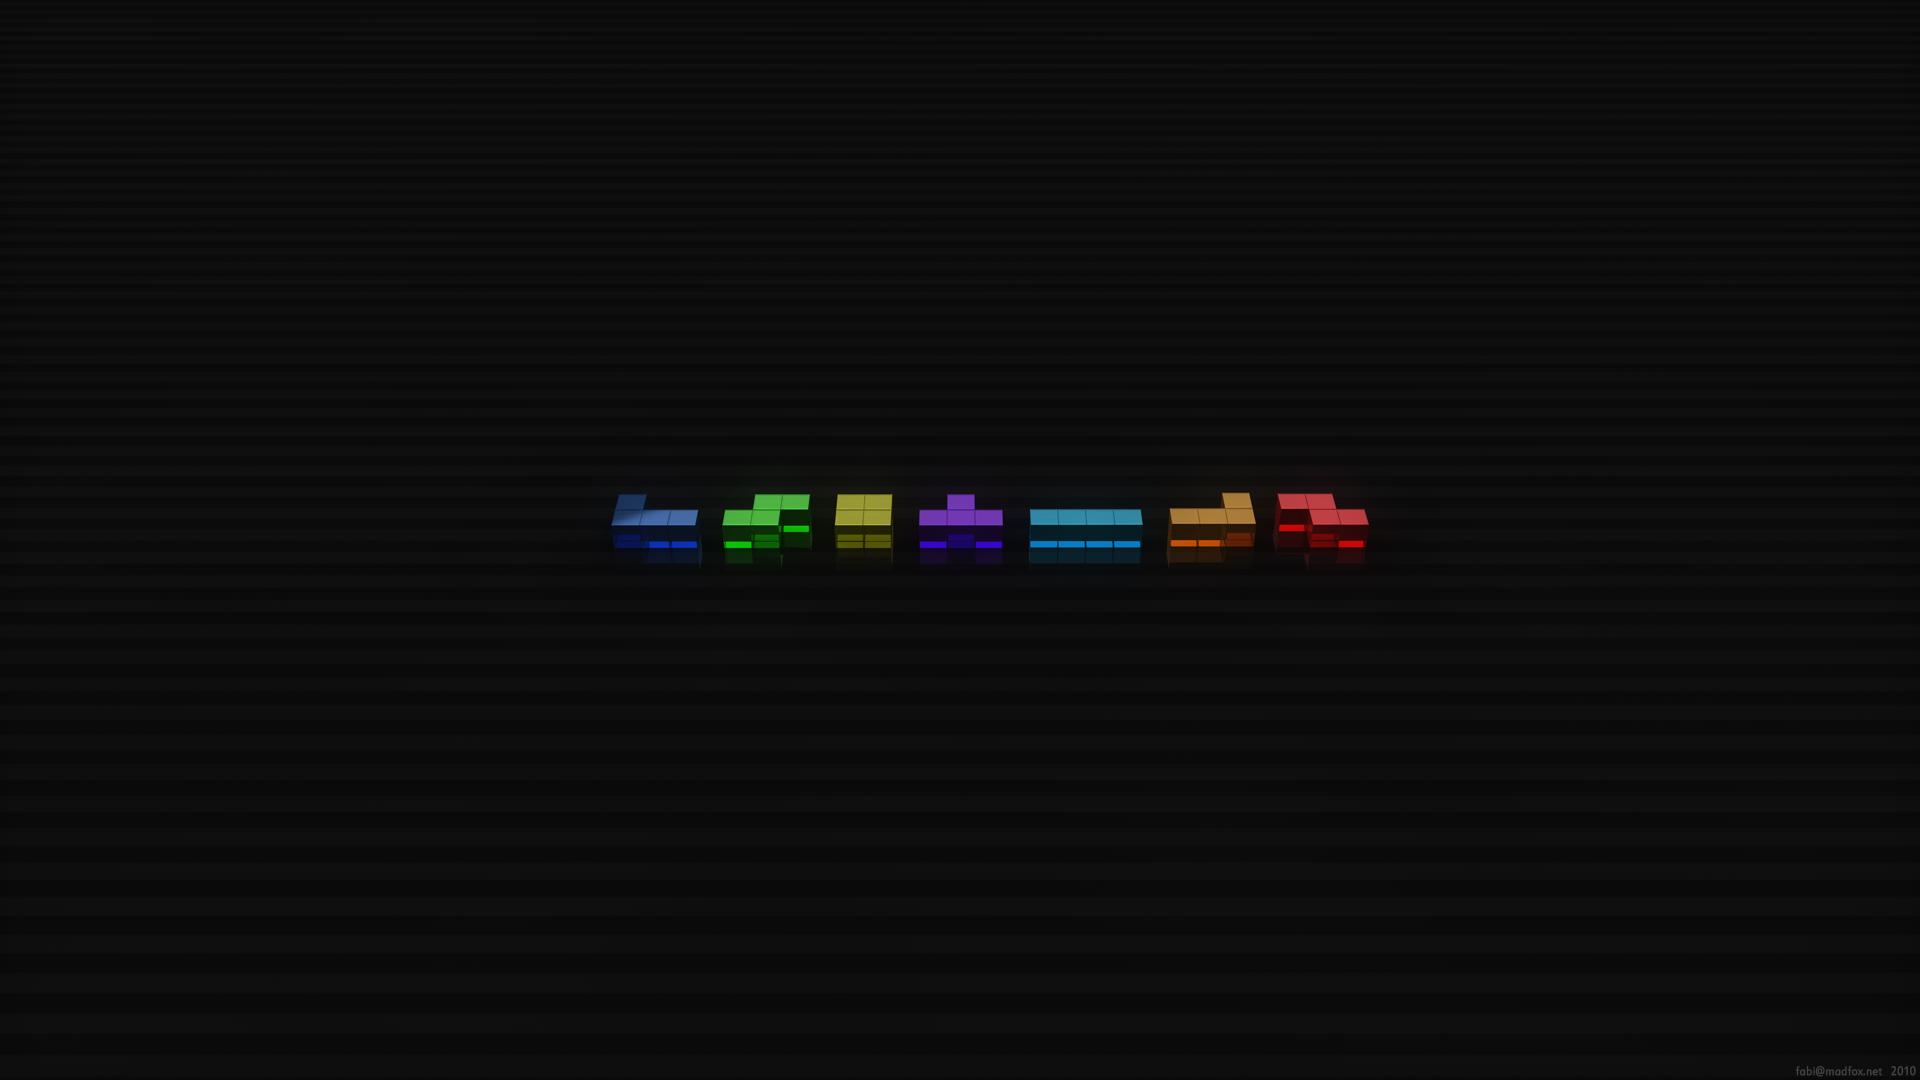 Tetris Hd Wallpaper Hintergrund 1920x1080 Id333876